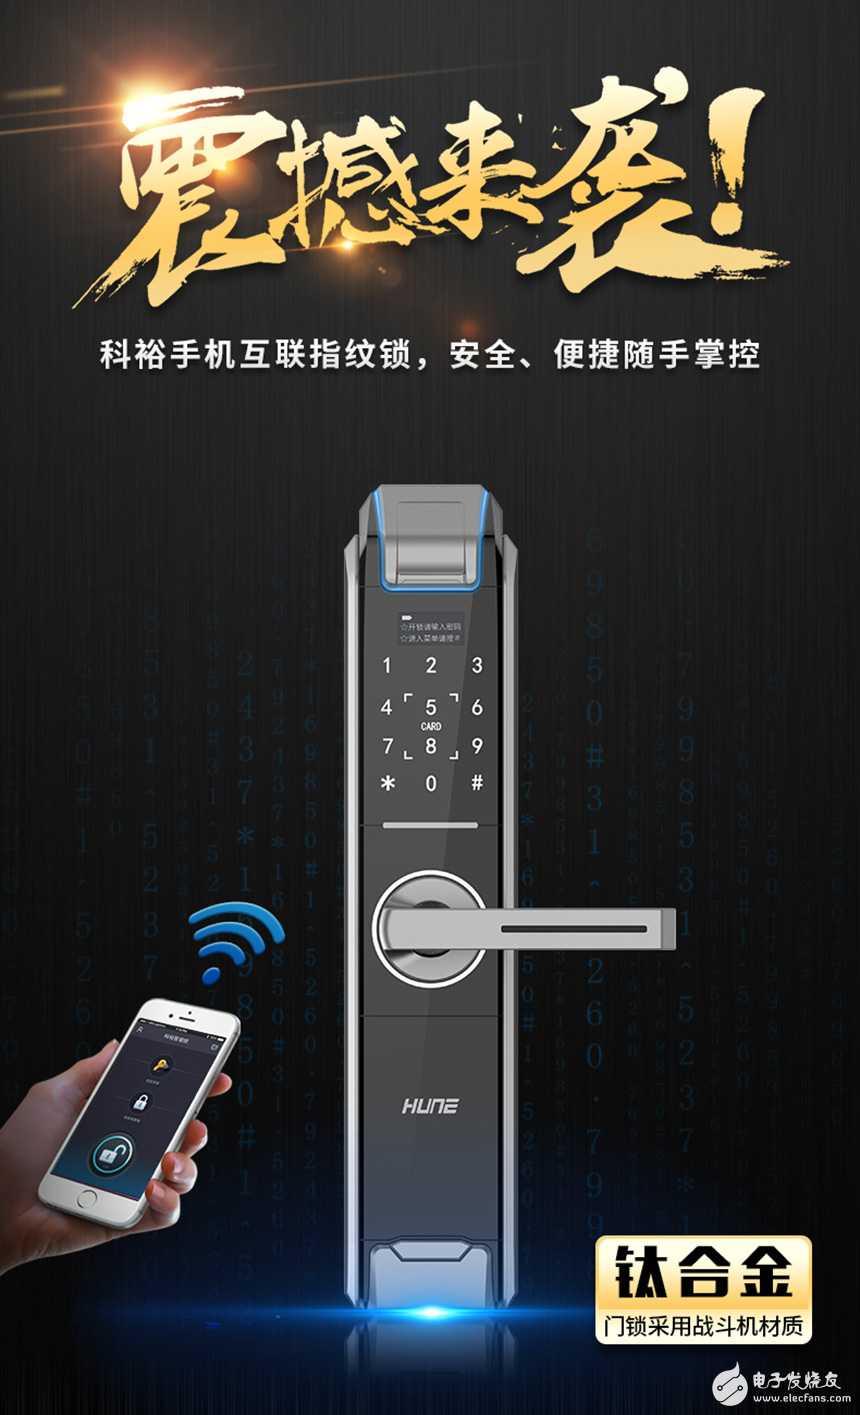 科裕手机互联指纹锁,奢华超顶配 iphone!